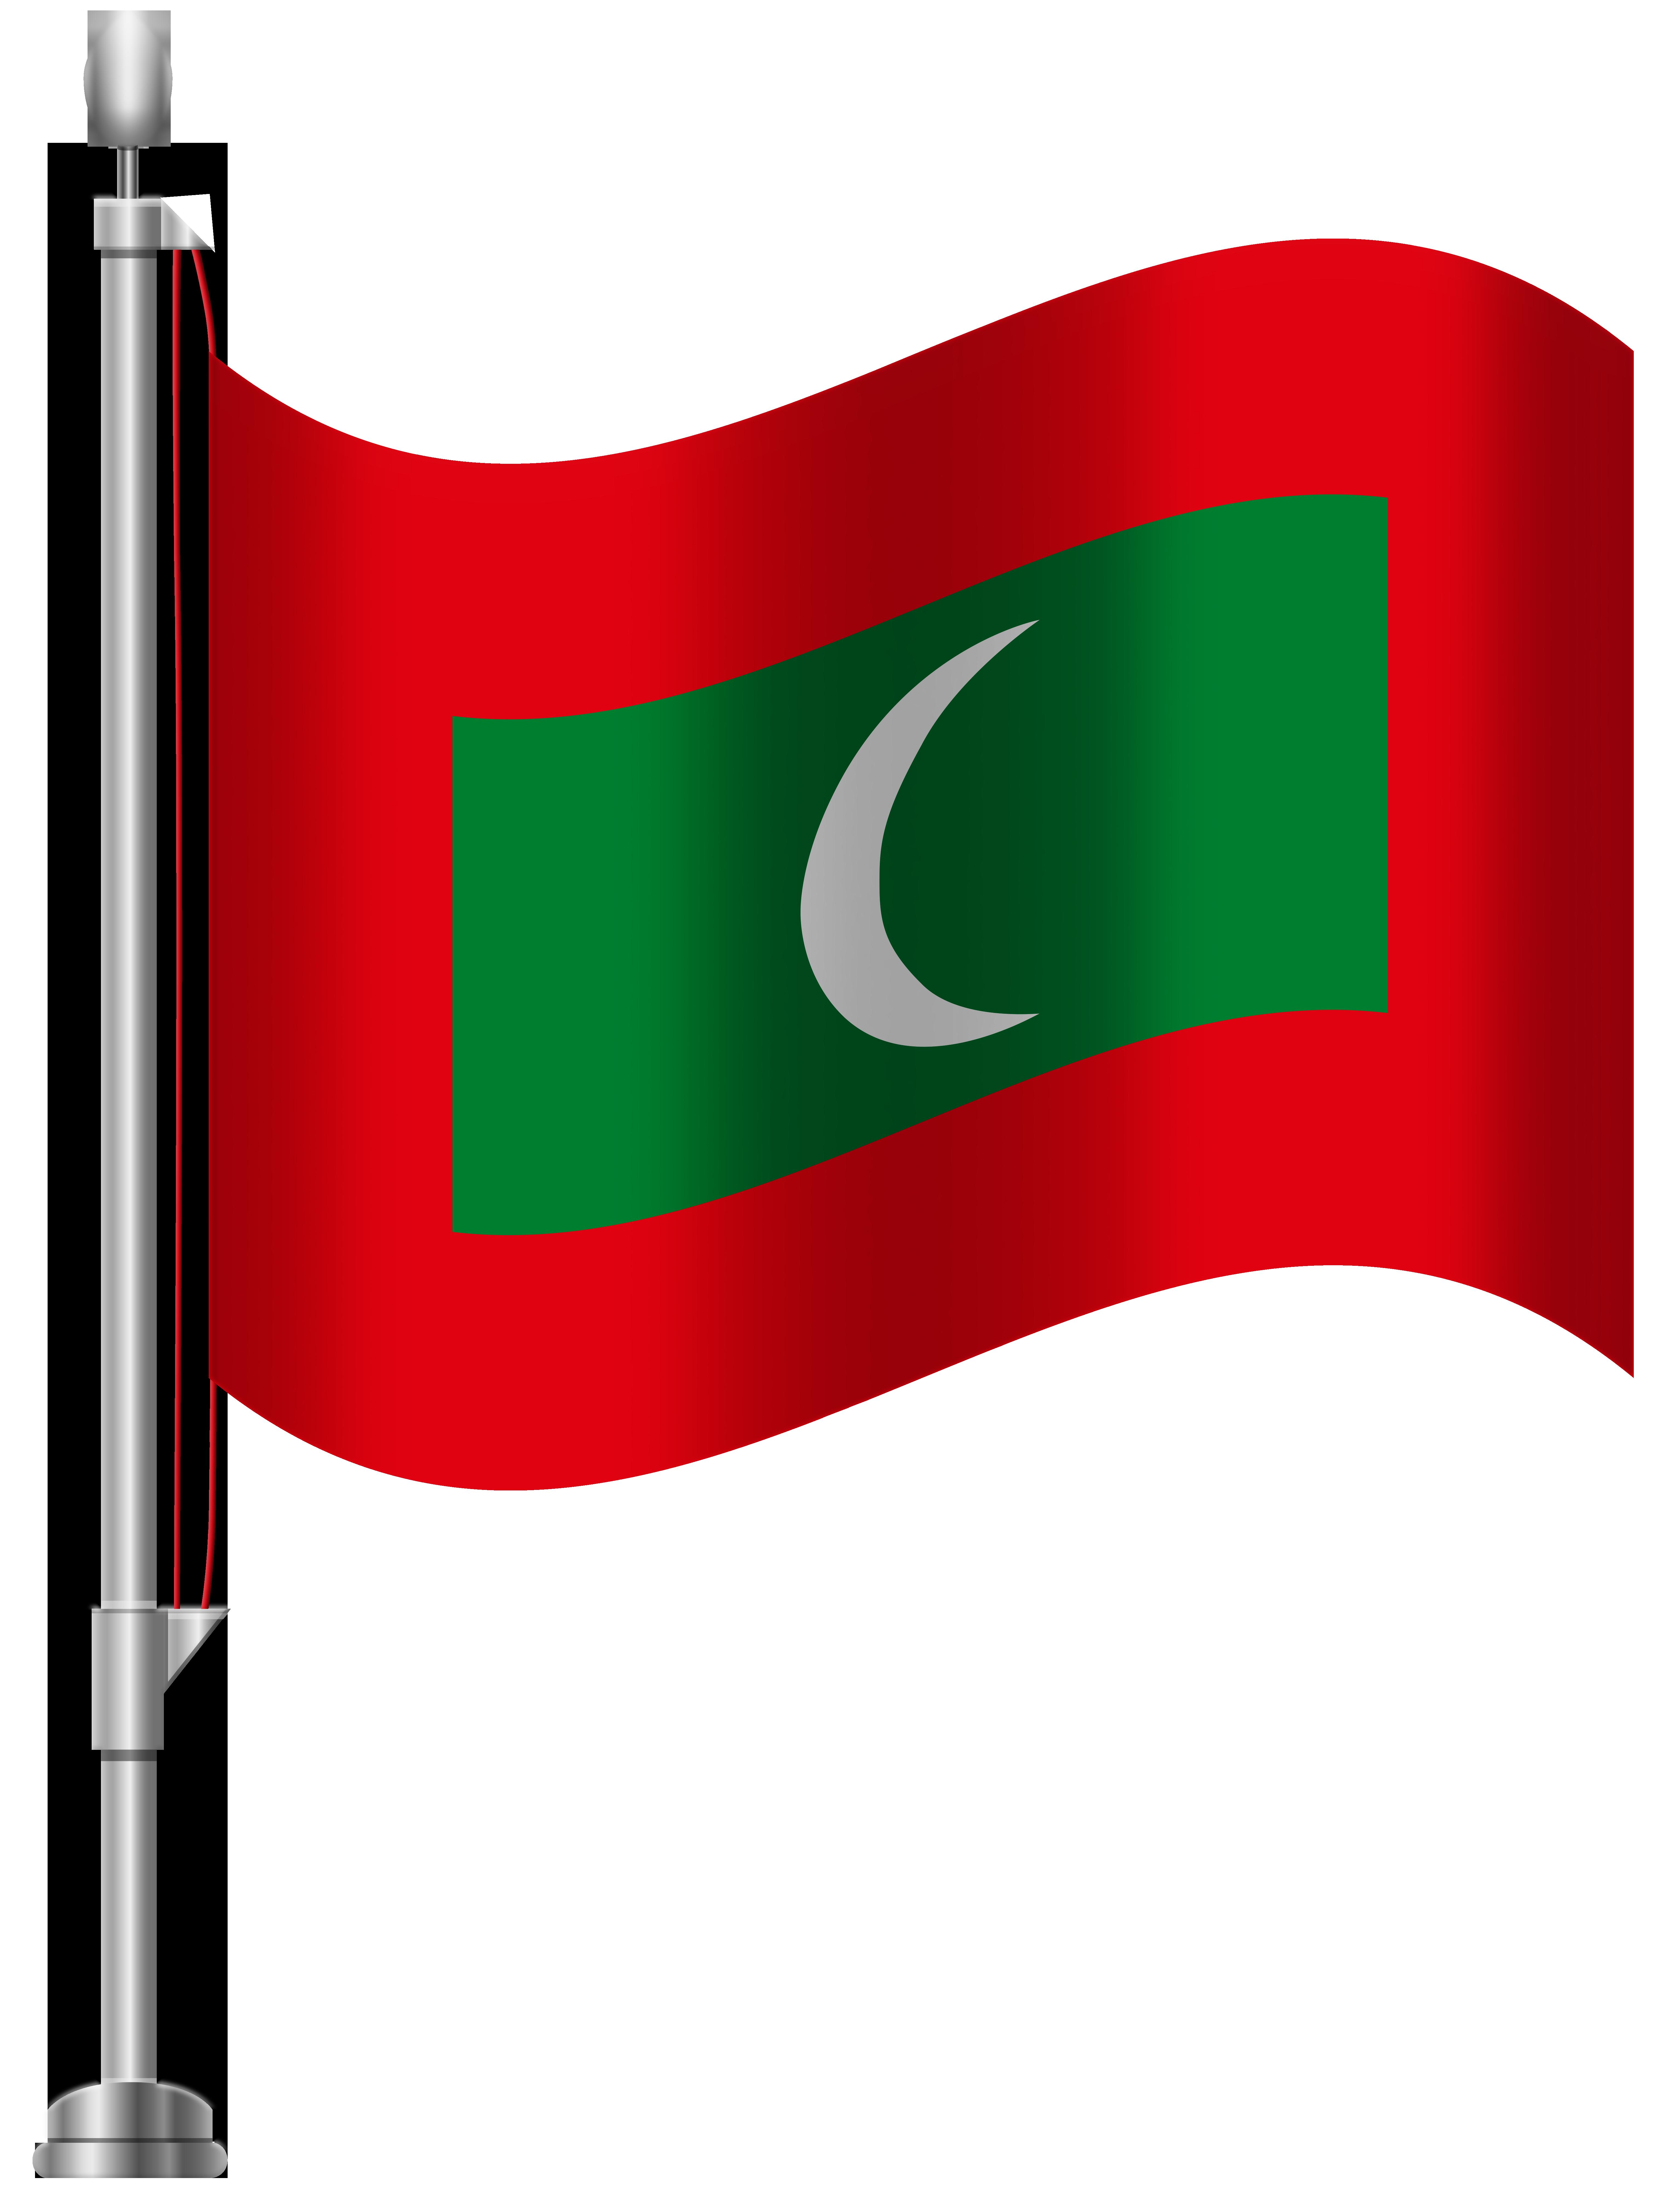 6141x8000 Maldives Flag Png Clip Art